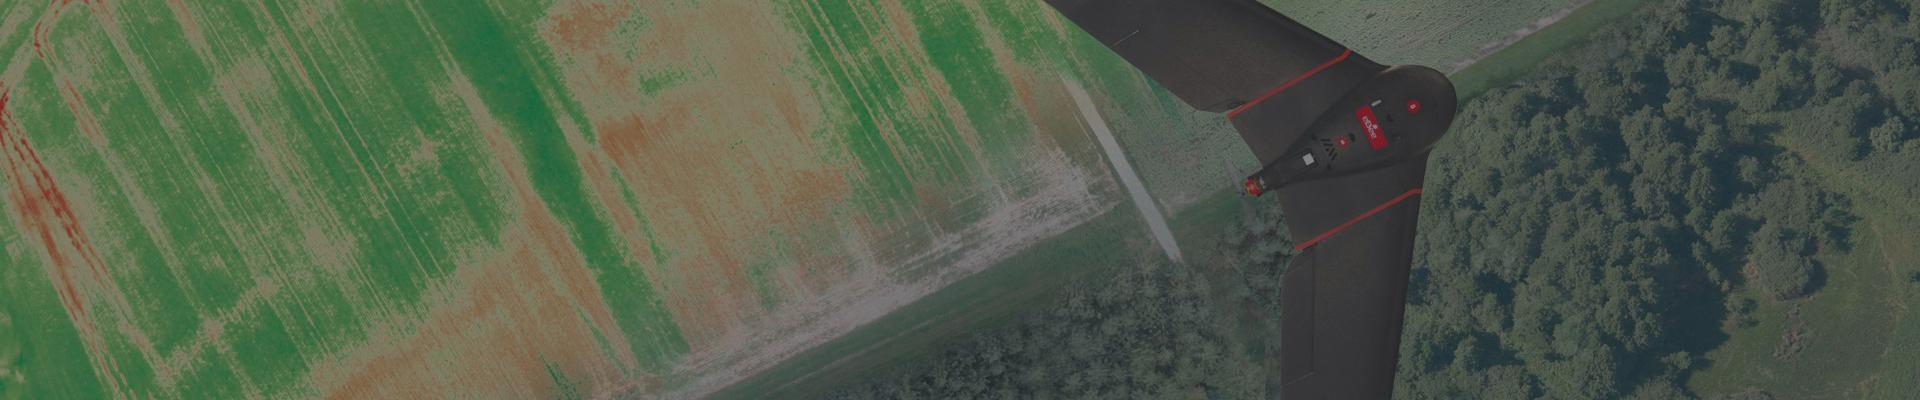 uav sensefly drones profesionales aplicaciones agricultura